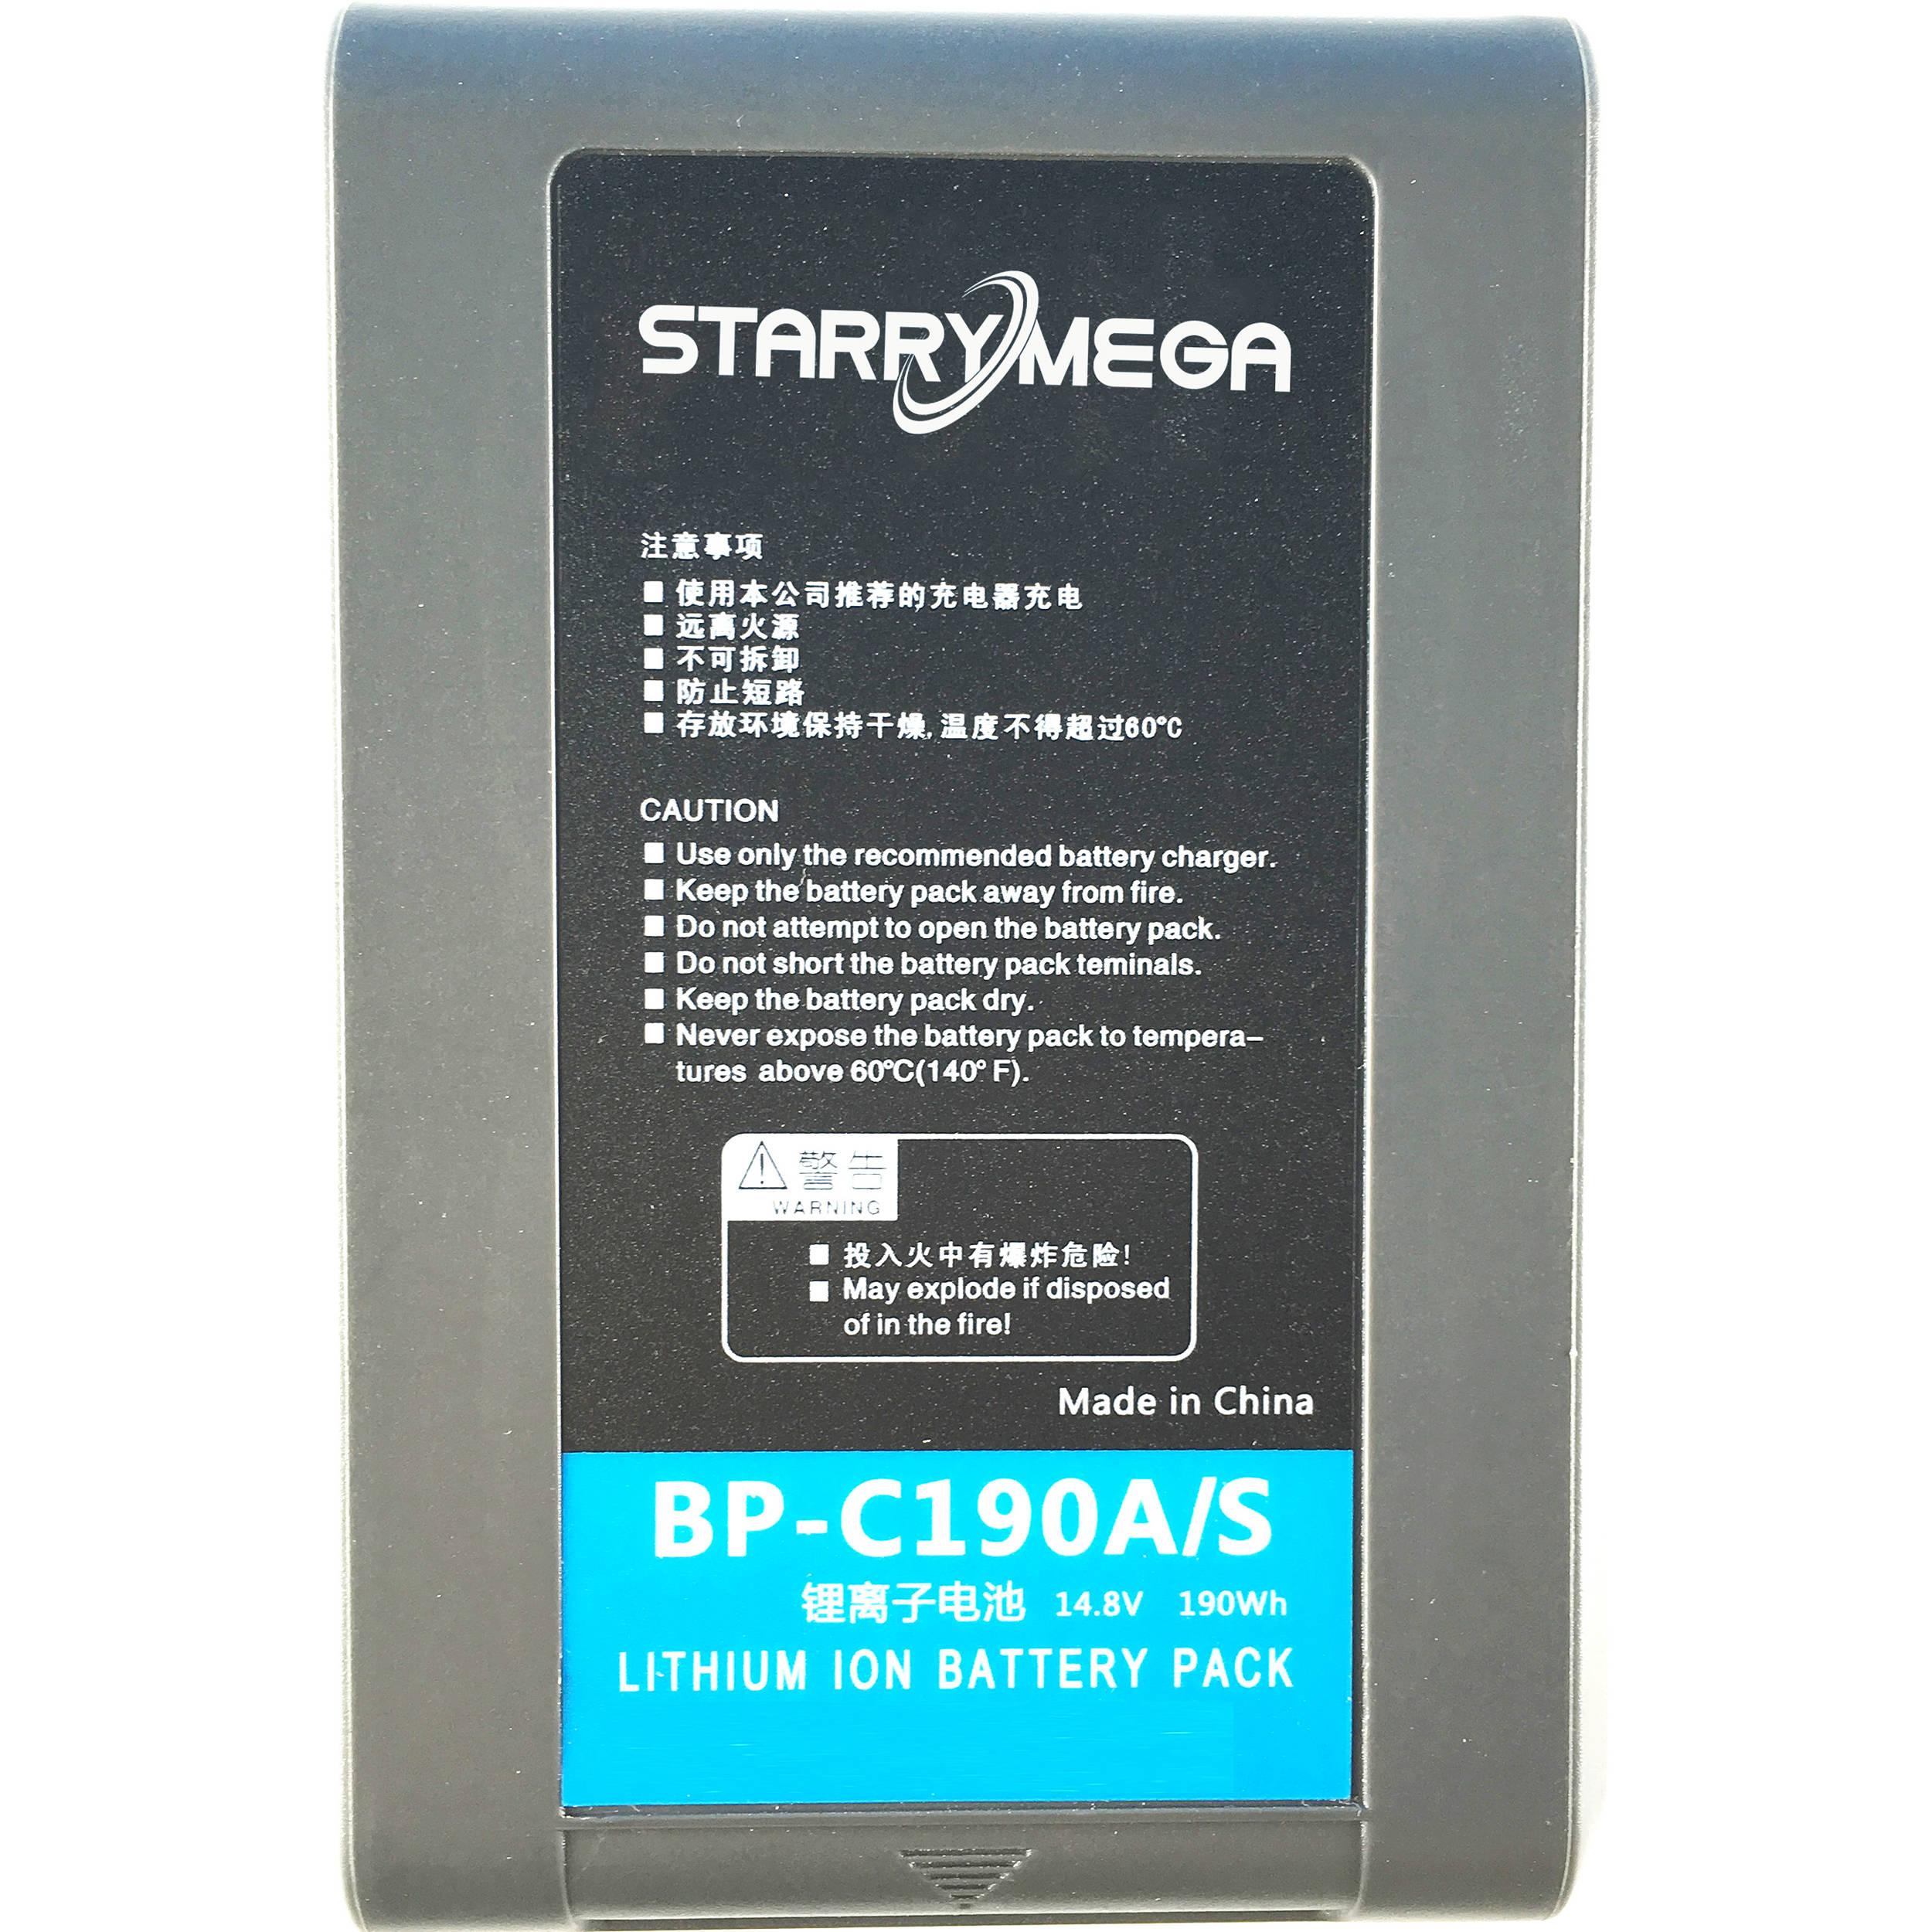 starrymega st c190a li ion battery pack v lock